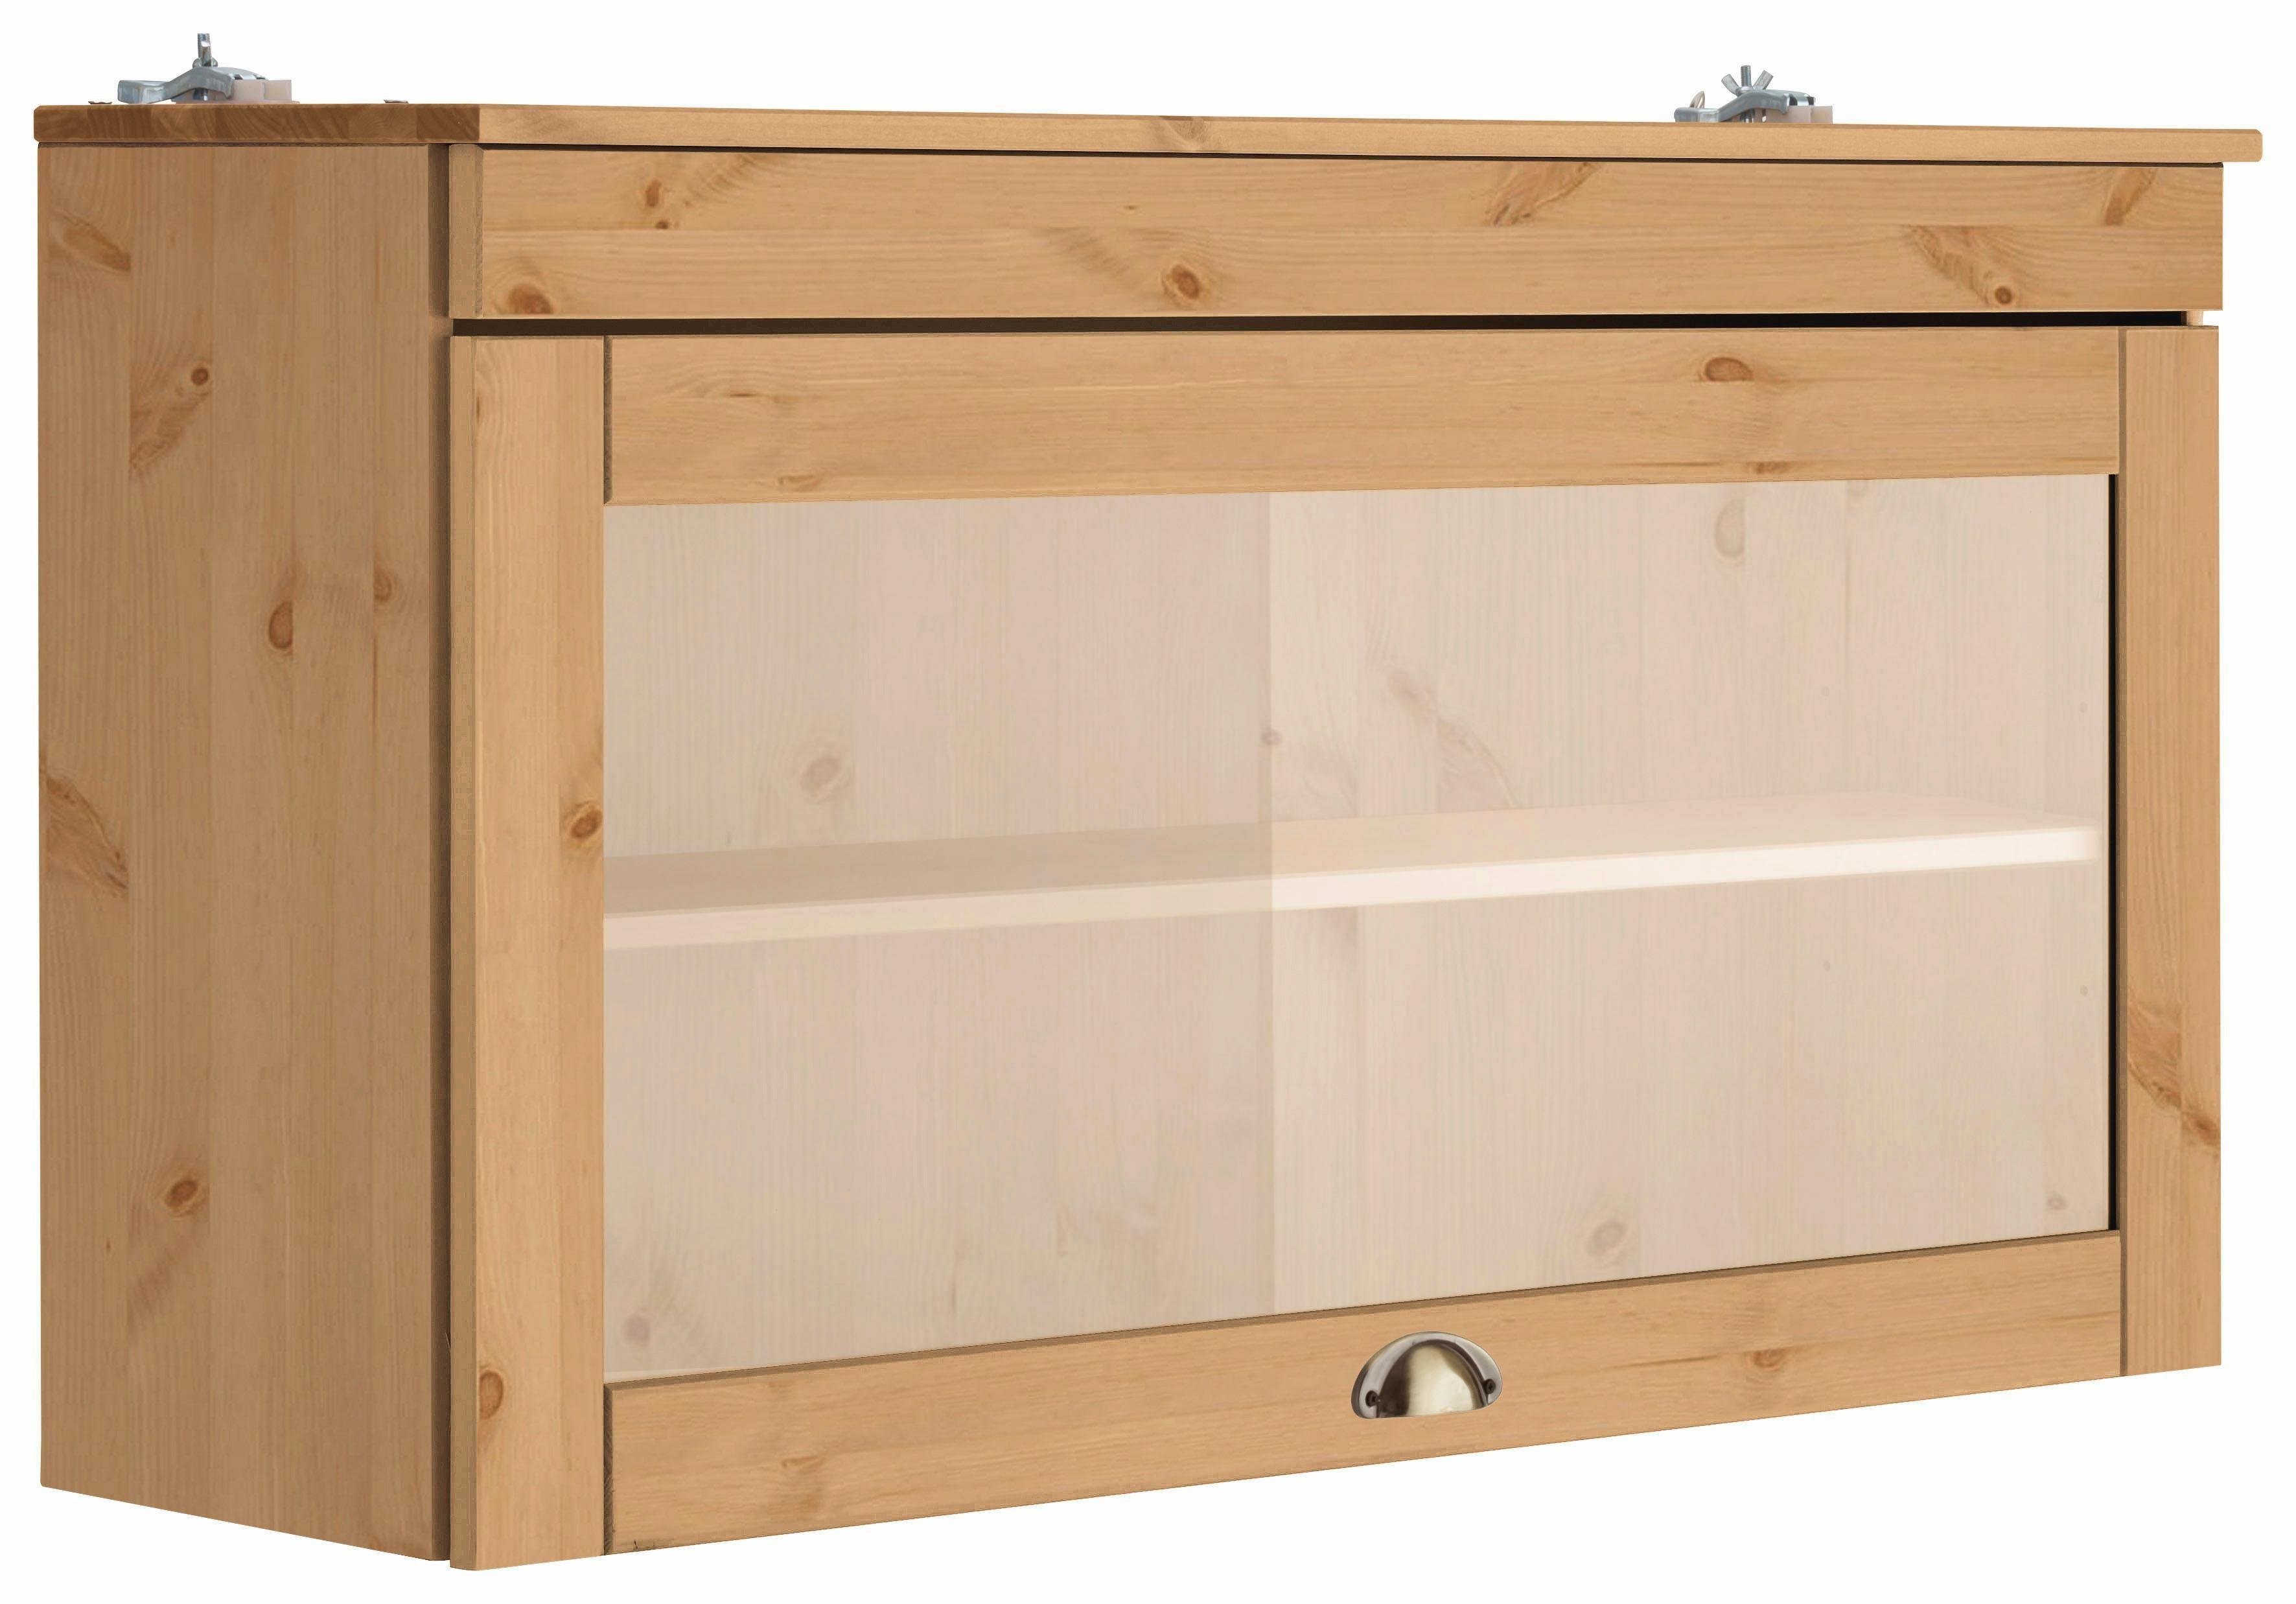 Hoge Smalle Kast : Keukenkast kopen meer dan keukenkasten otto